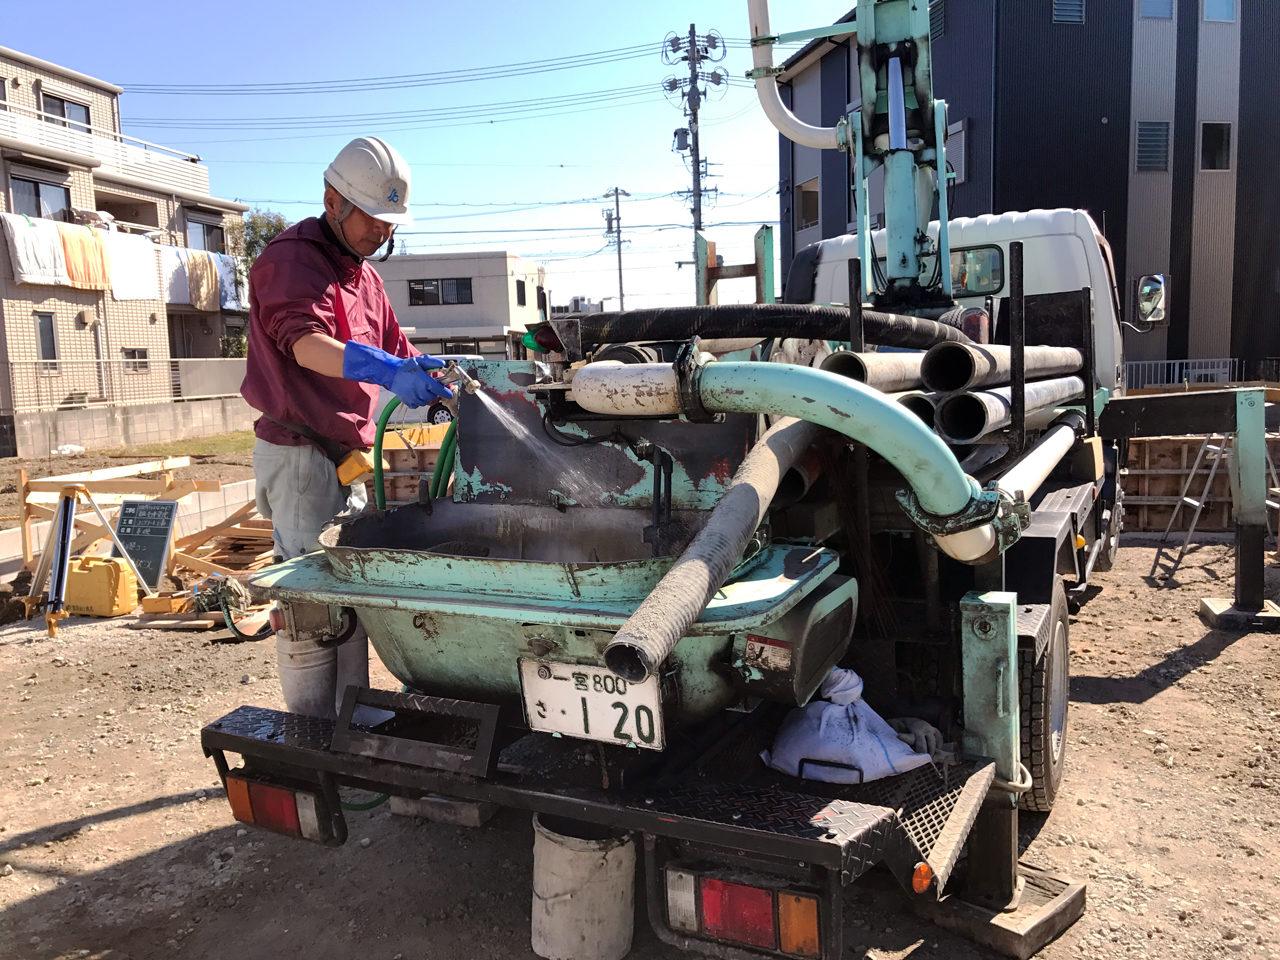 開院・開業支援をさせていただいた店舗(鍼灸接骨院)付き住宅の基礎コンクリート打設